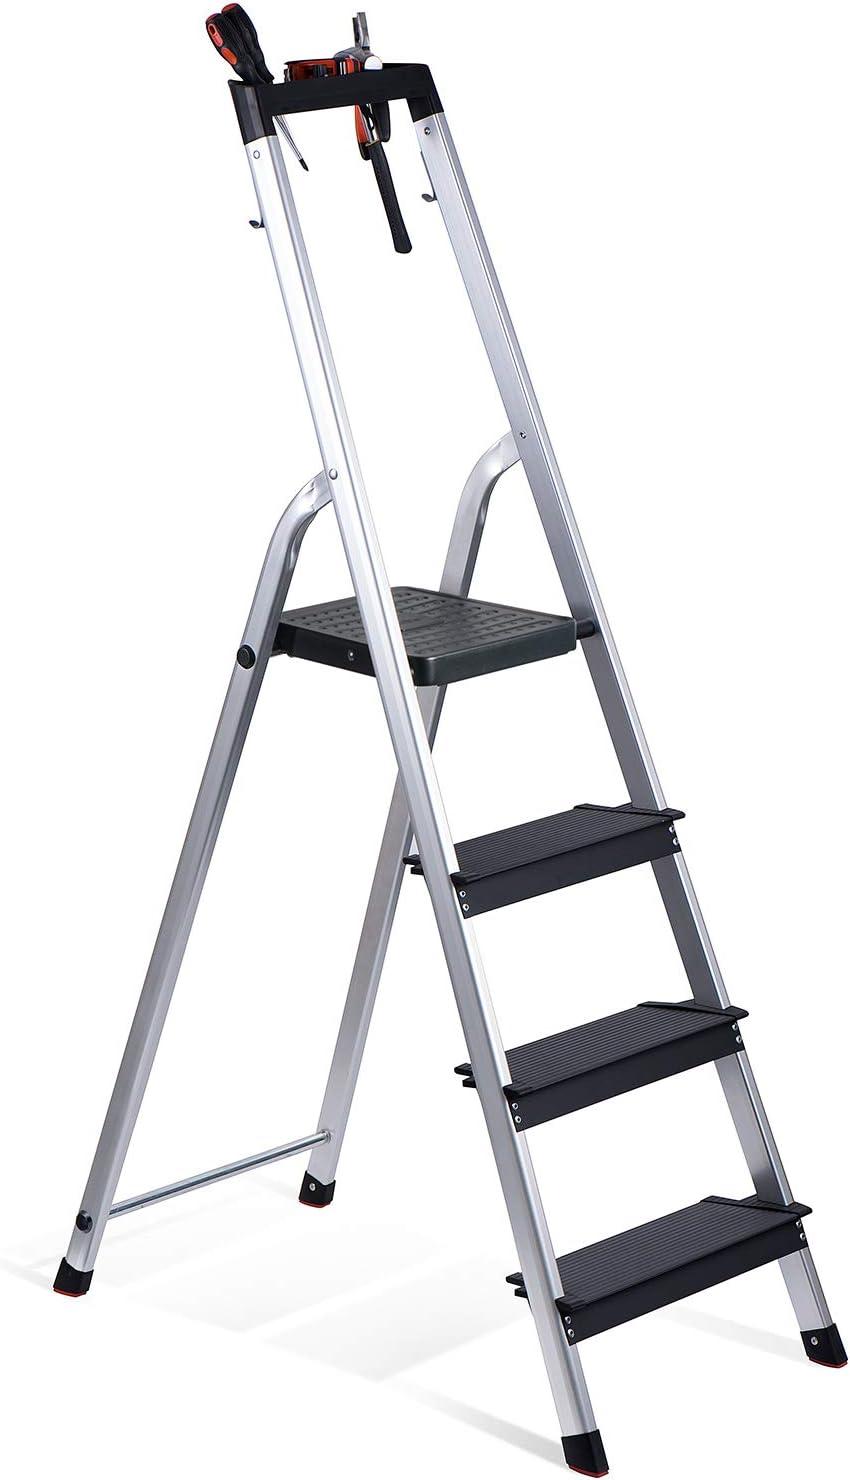 Delxo Escalera plegable, de aluminio, peso ligero, para cocina de hogar, pedal ancho, resistente y antideslizante, capacidad hasta 150 kg, ahorro de espacio: Amazon.es: Bricolaje y herramientas